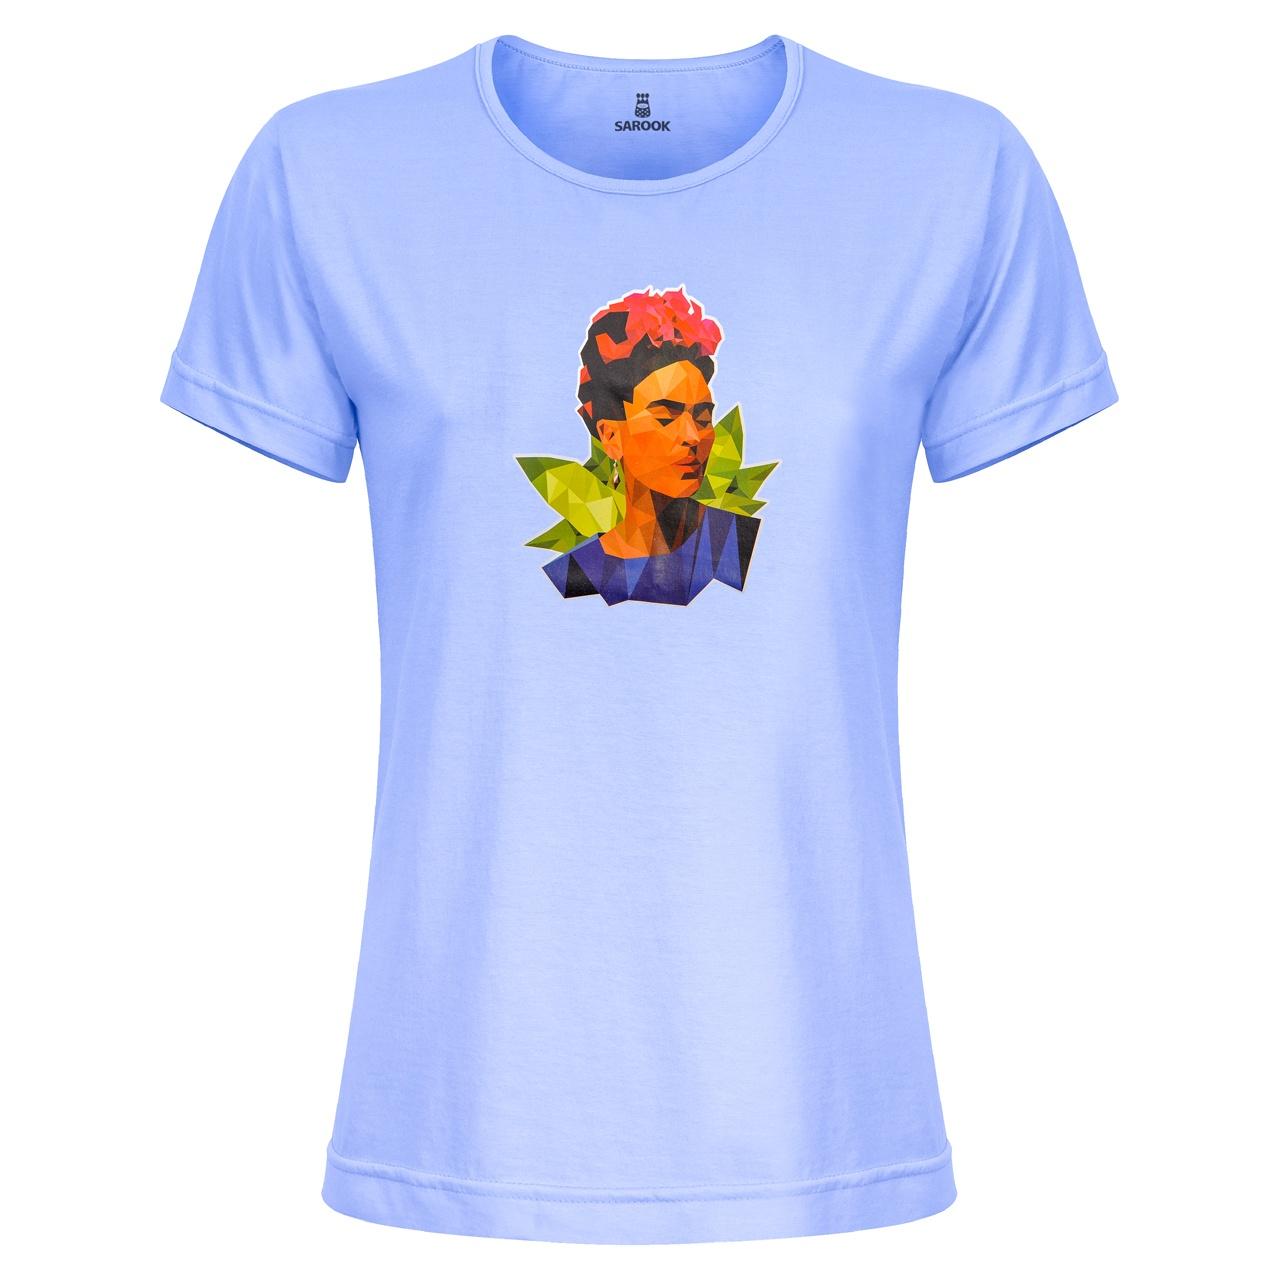 تی شرت زنانه ساروک مدل TZYUYRCH-Frida010 رنگ آبی